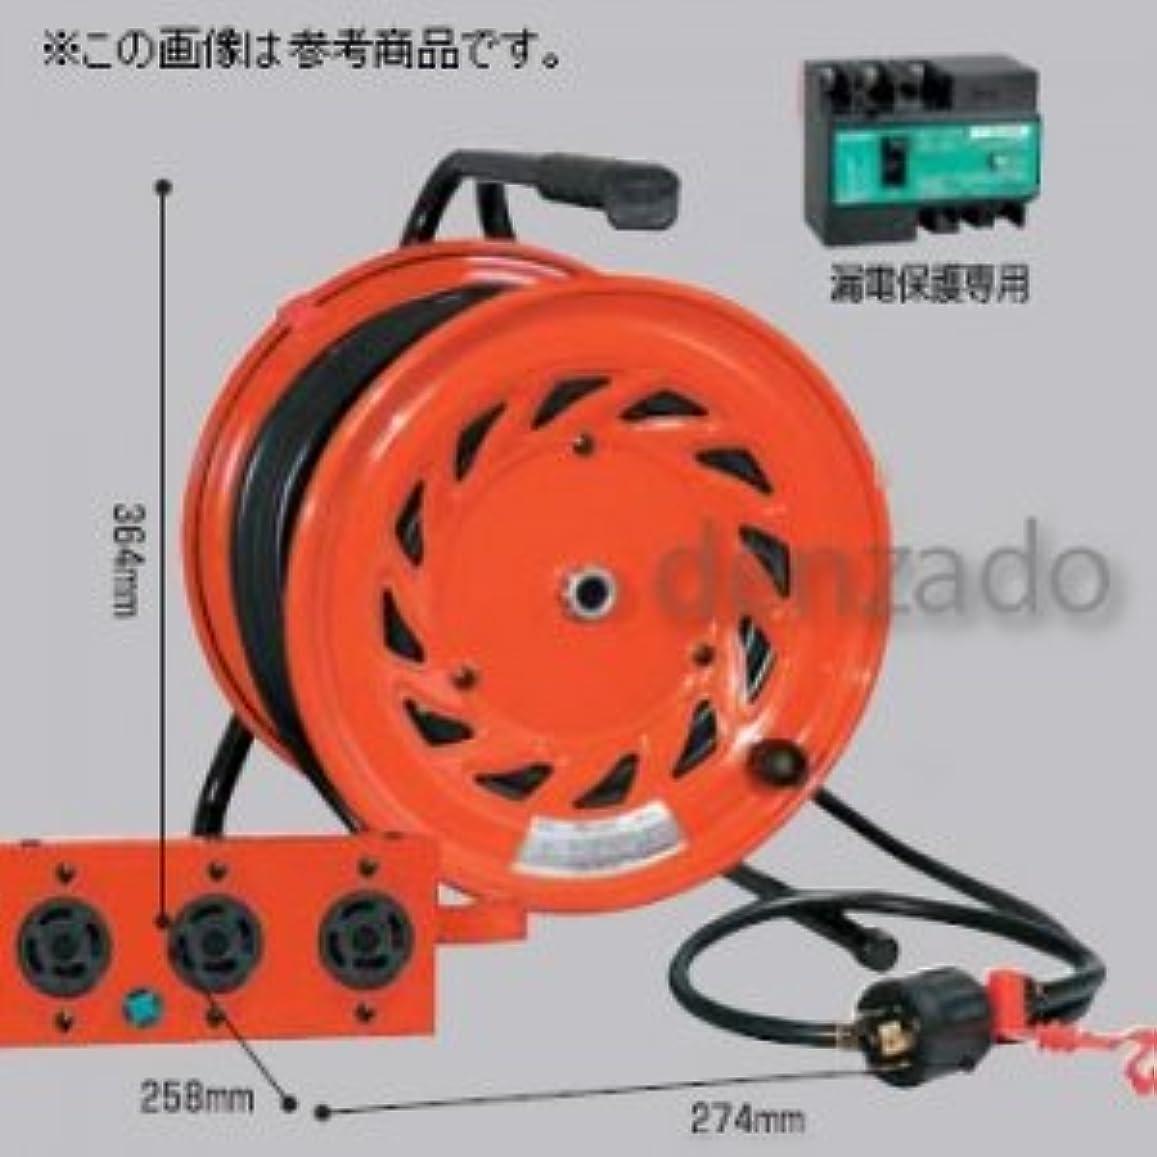 エンドウくぼみ耳日動工業 びっくリール 延長コード型 三相200V 屋内型 アース付/アース?漏電保護専用 15mA感度緑 φ35 接地 3P 20A 250V コンセント数:2 長さ30m SVCT3.5×4 RND-EB330SF